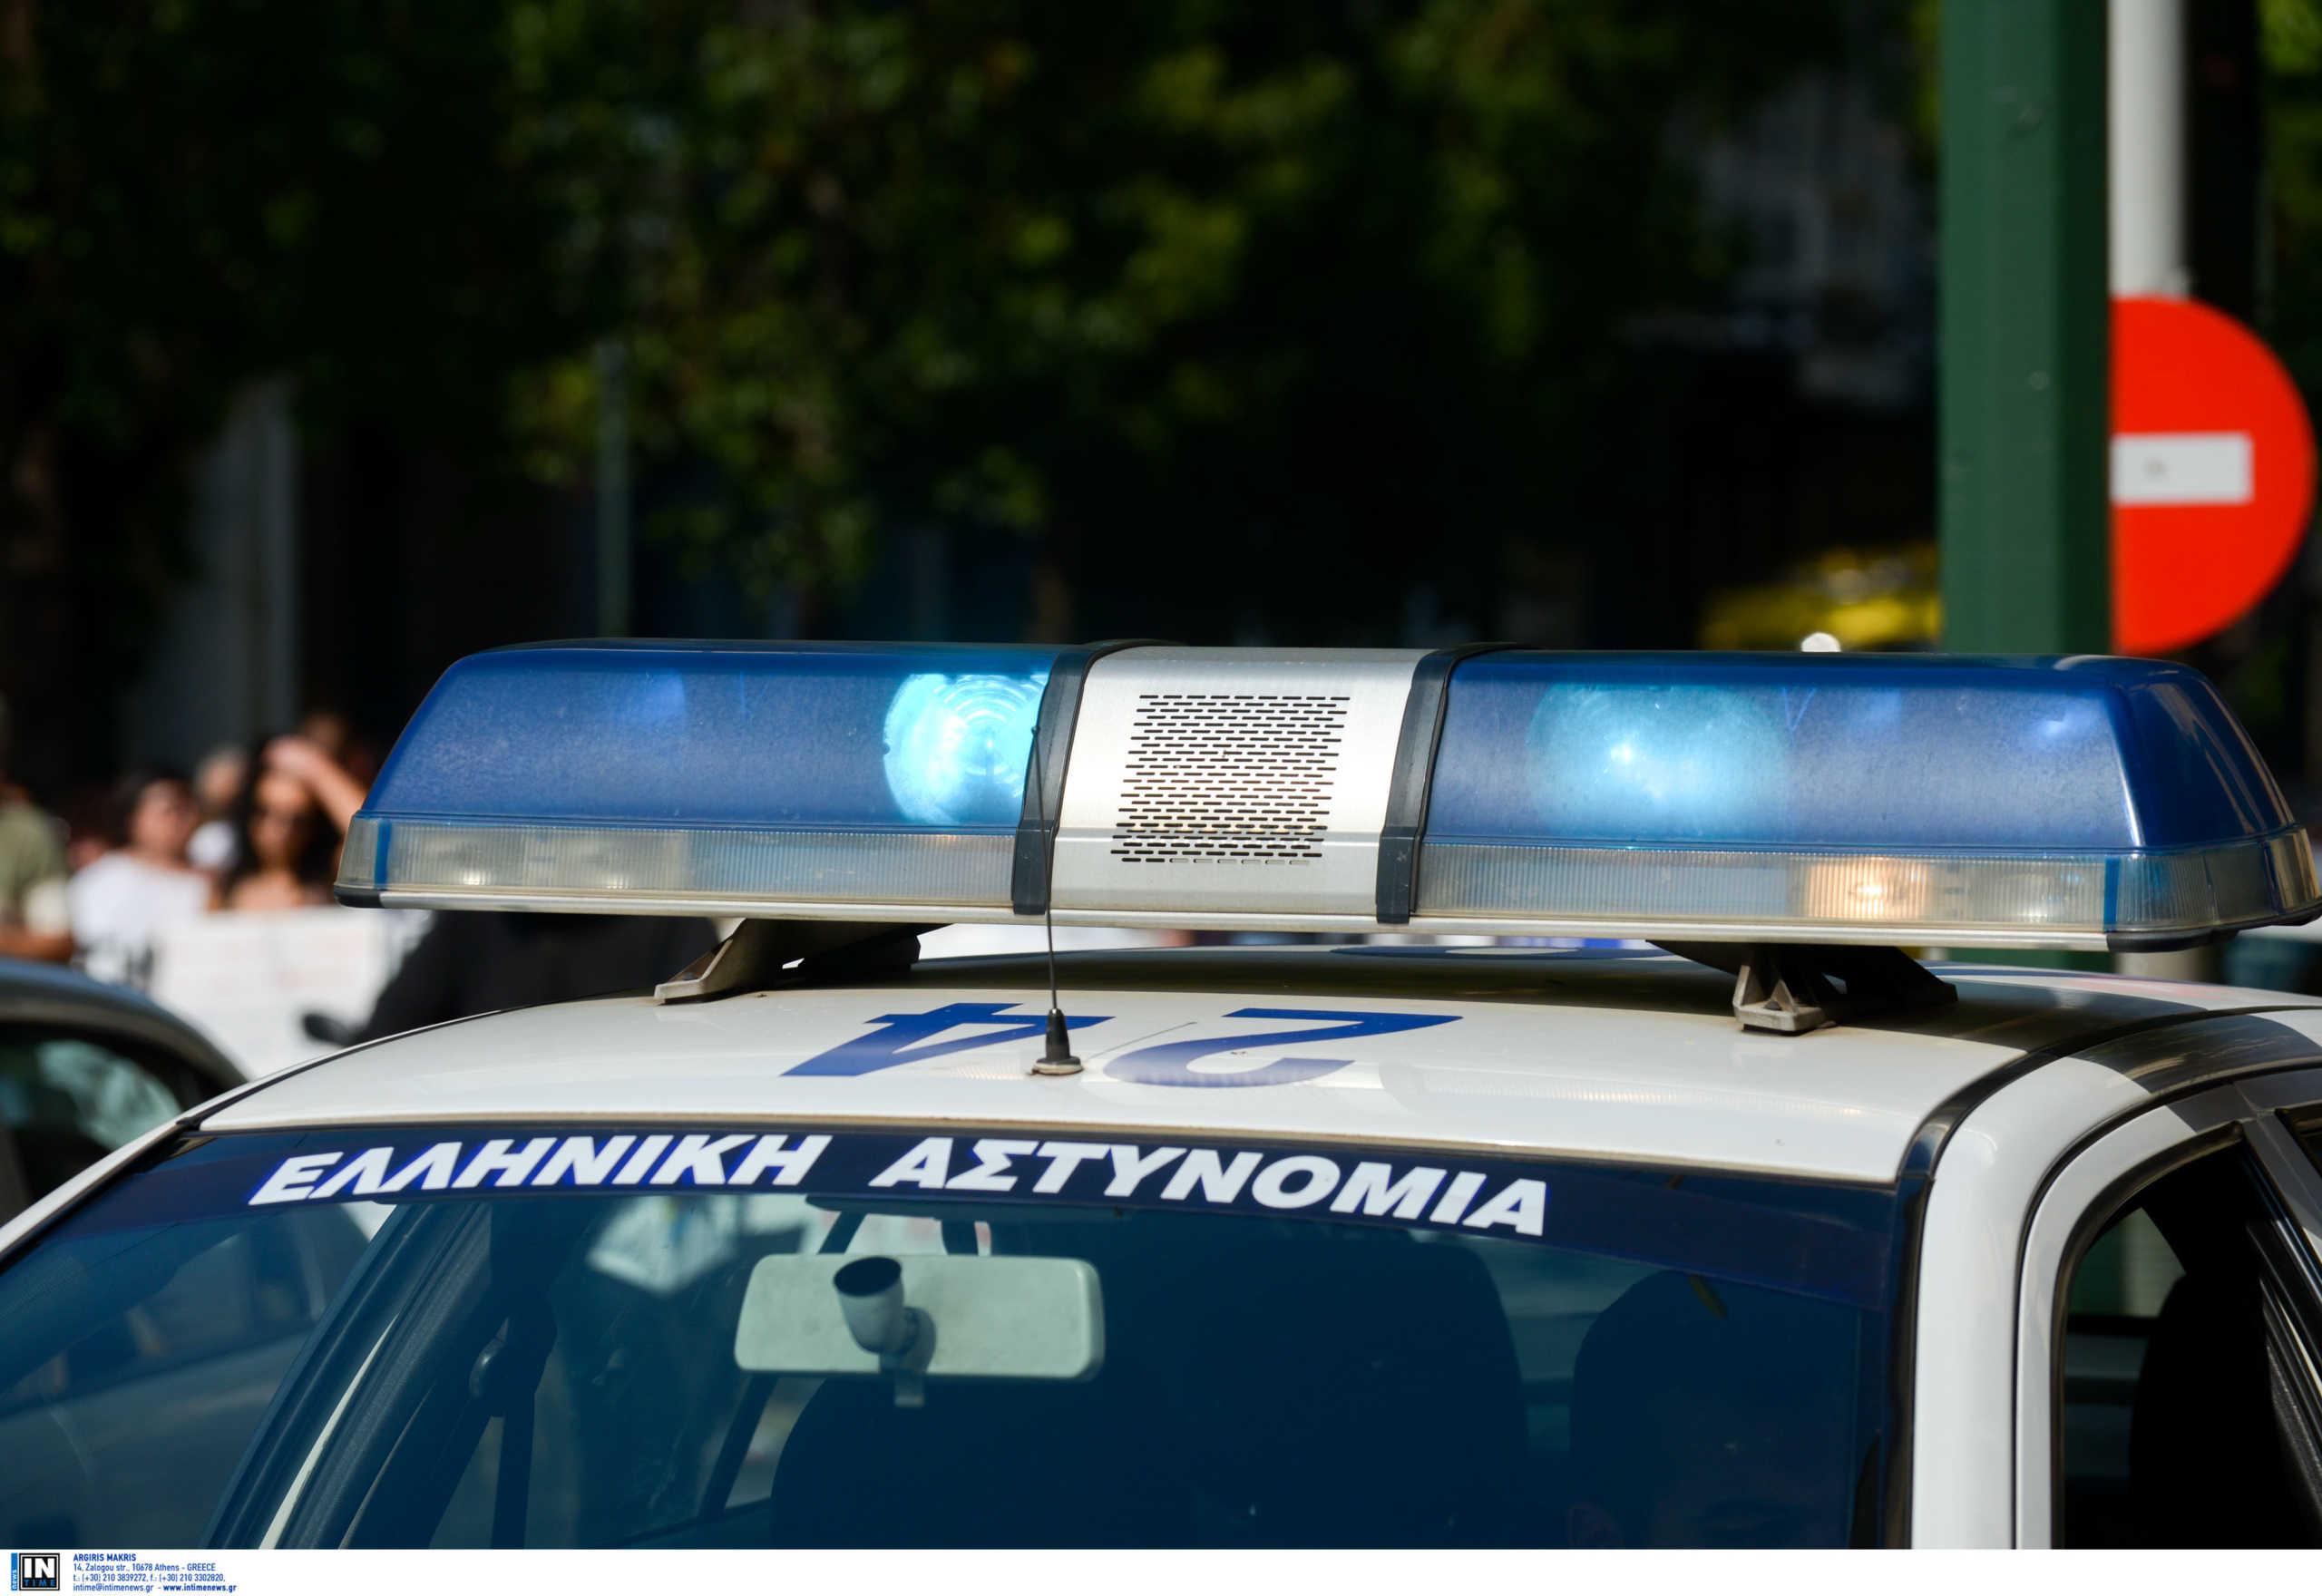 Ηράκλειο: Χαμός με Αλβανό που ύψωσε το μεσαίο δάχτυλο στους αστυνομικούς! Οι σκηνές που ακολούθησαν